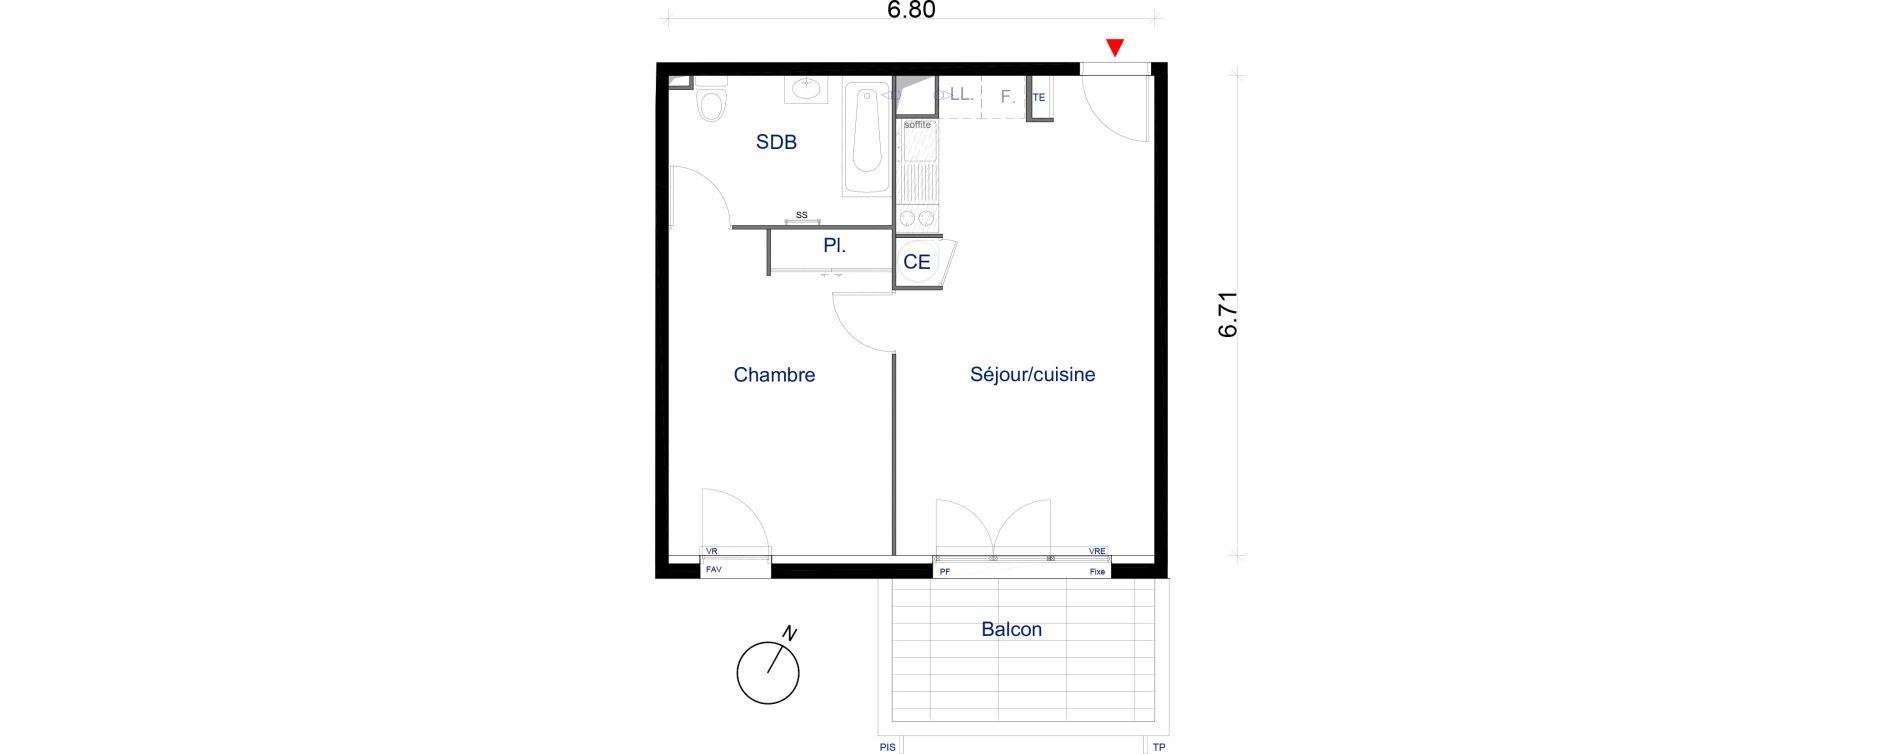 Appartement T2 de 44,34 m2 à La Seyne-Sur-Mer La seyne sur mer centre